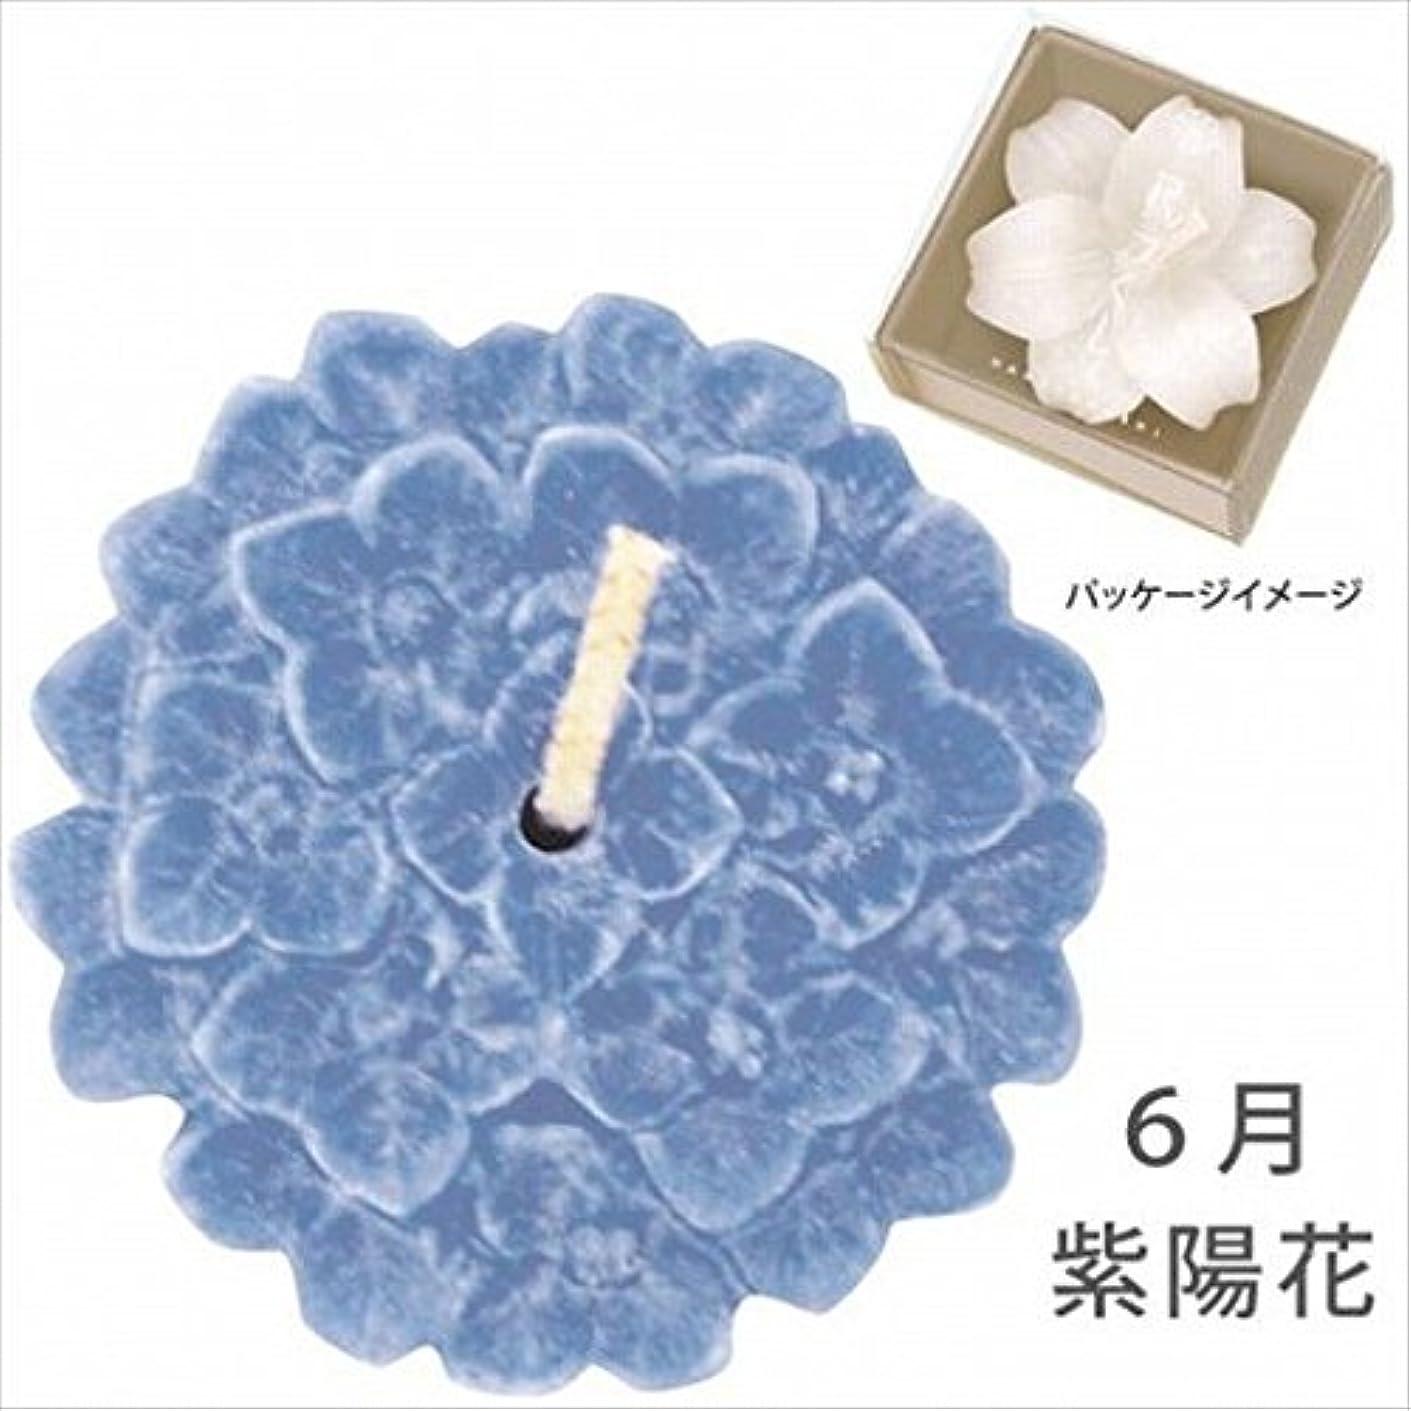 デンマーク負荷マオリkameyama candle(カメヤマキャンドル) 花づくし(植物性) 紫陽花 「 紫陽花(6月) 」 キャンドル(A4620570)